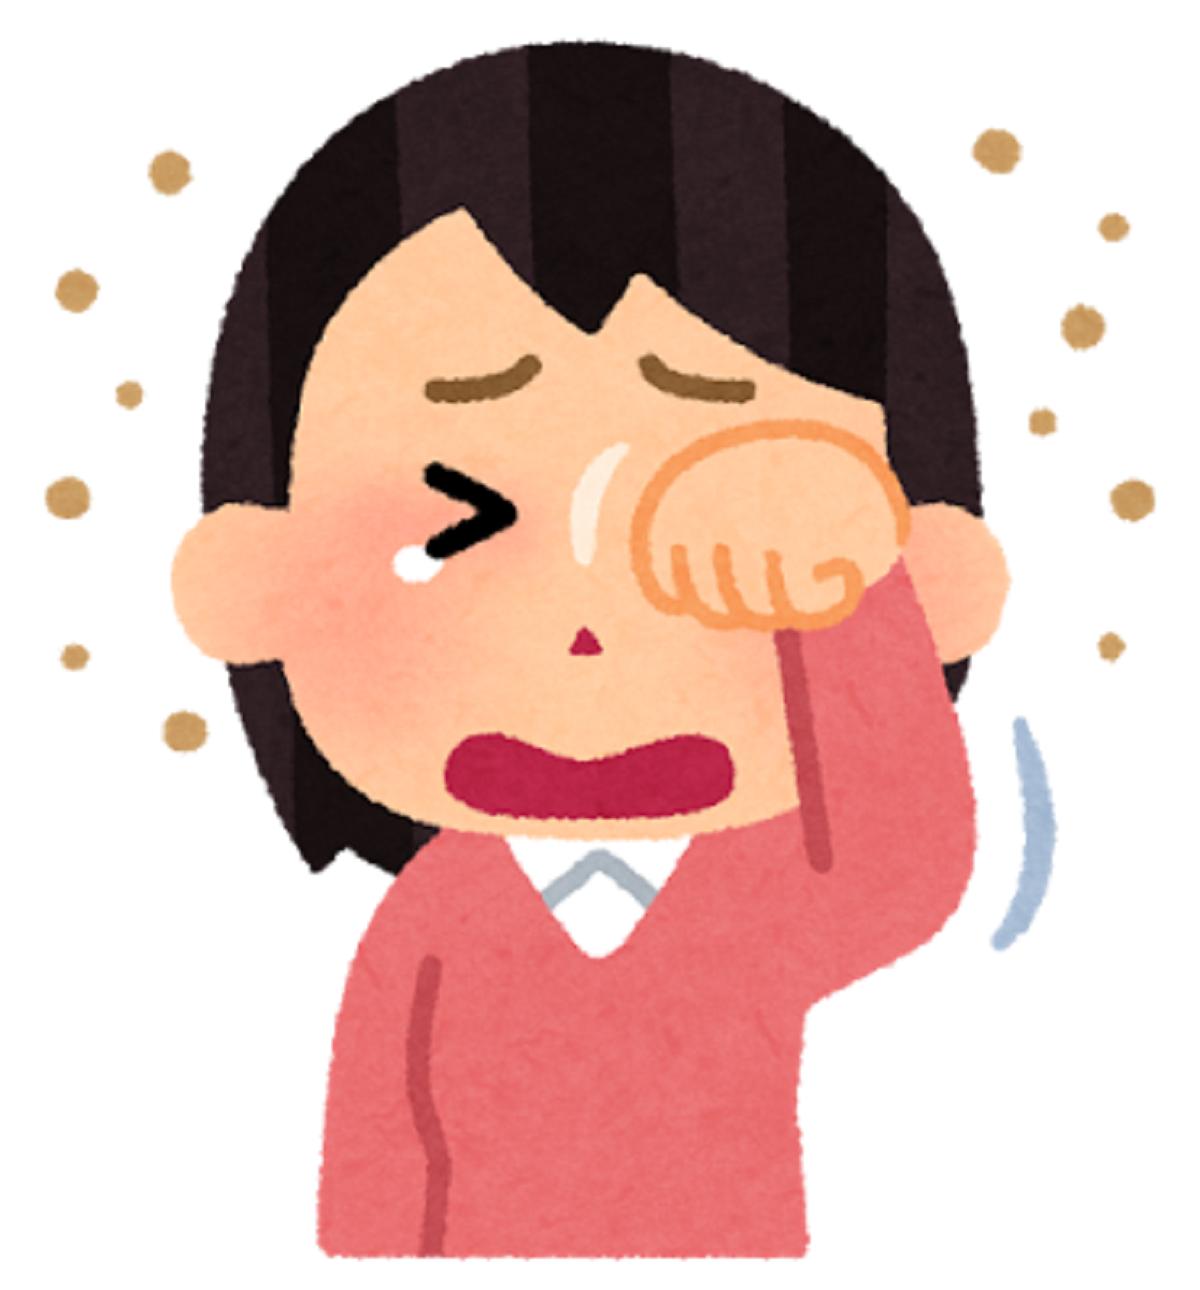 α遮断薬と術中虹彩緊張低下症候群(IFIS:アイフィス)について